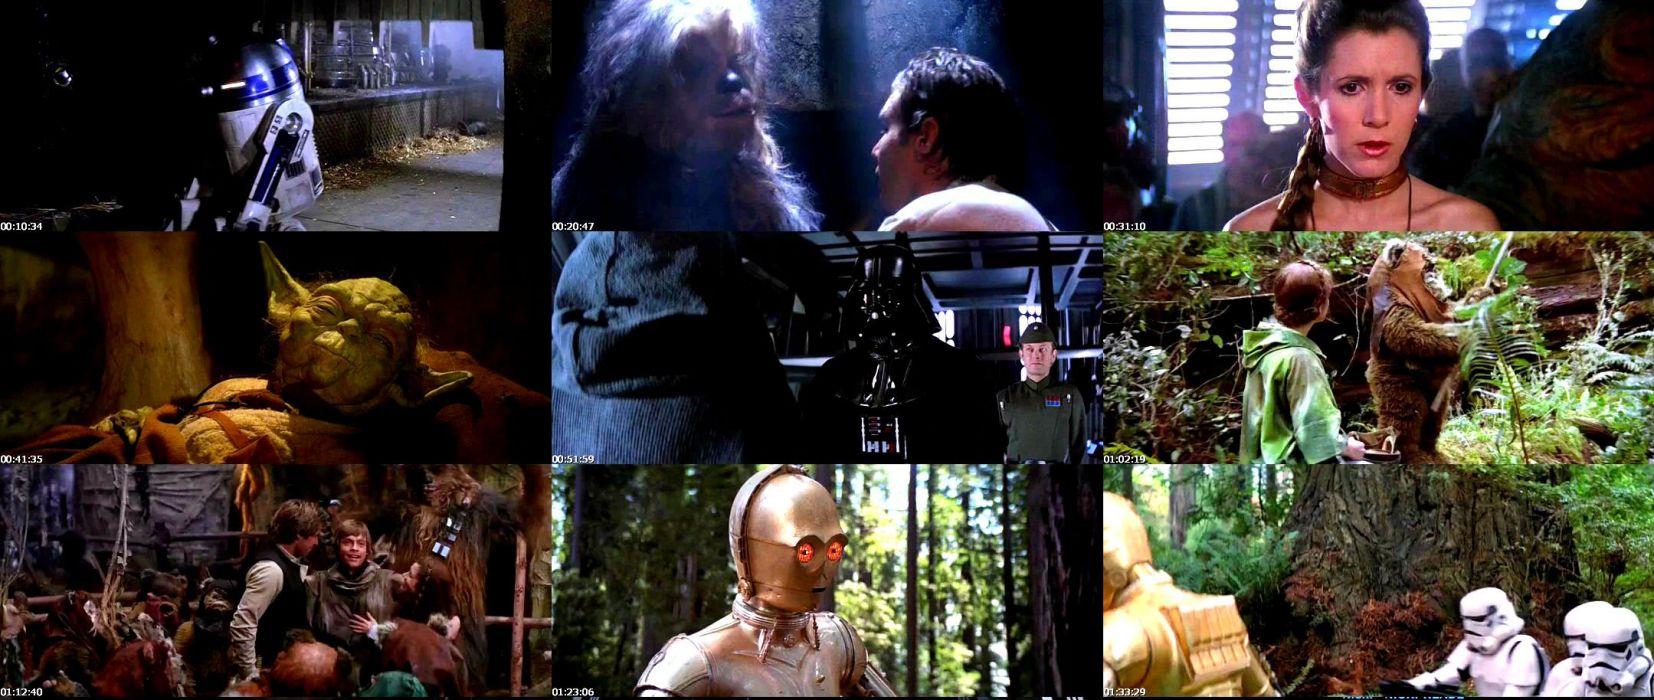 Star Wars Return Jedi Sci Fi Futuristic Movie Film 19 Wallpaper 2159x914 255923 Wallpaperup